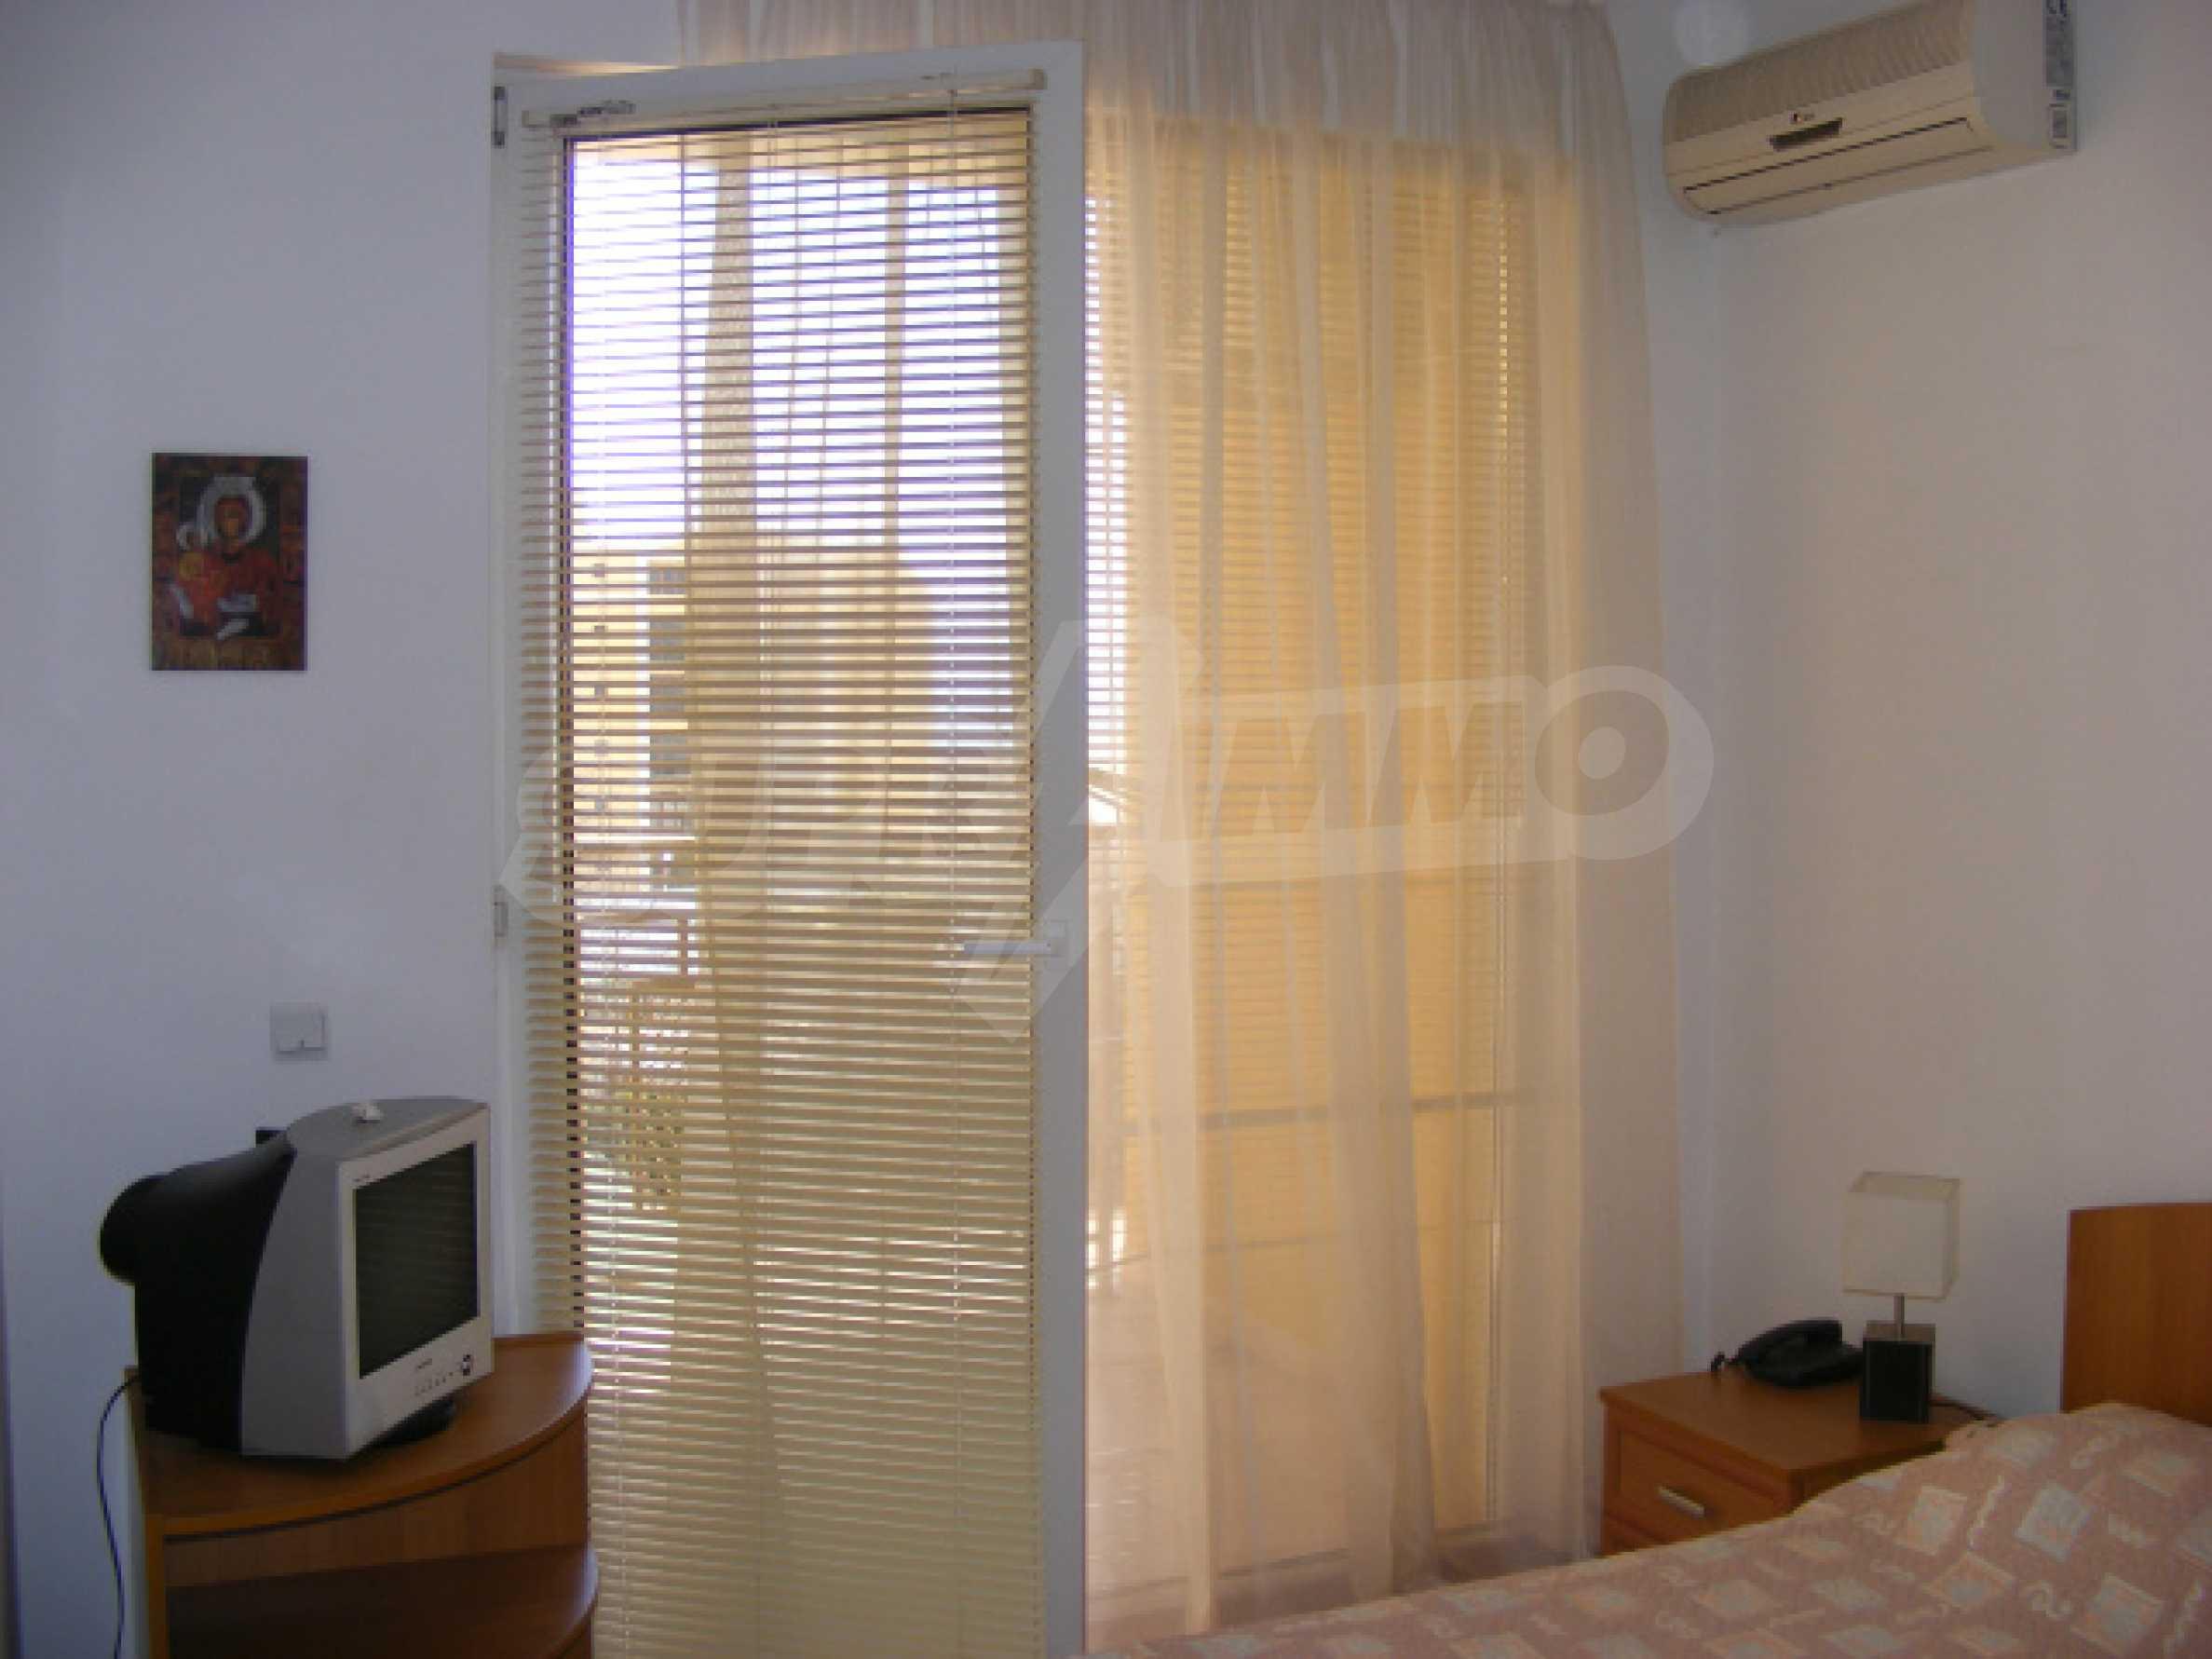 Напълно обзаведен двустаен апартамент в кк. Златни пясъци, с Морска панорама 13